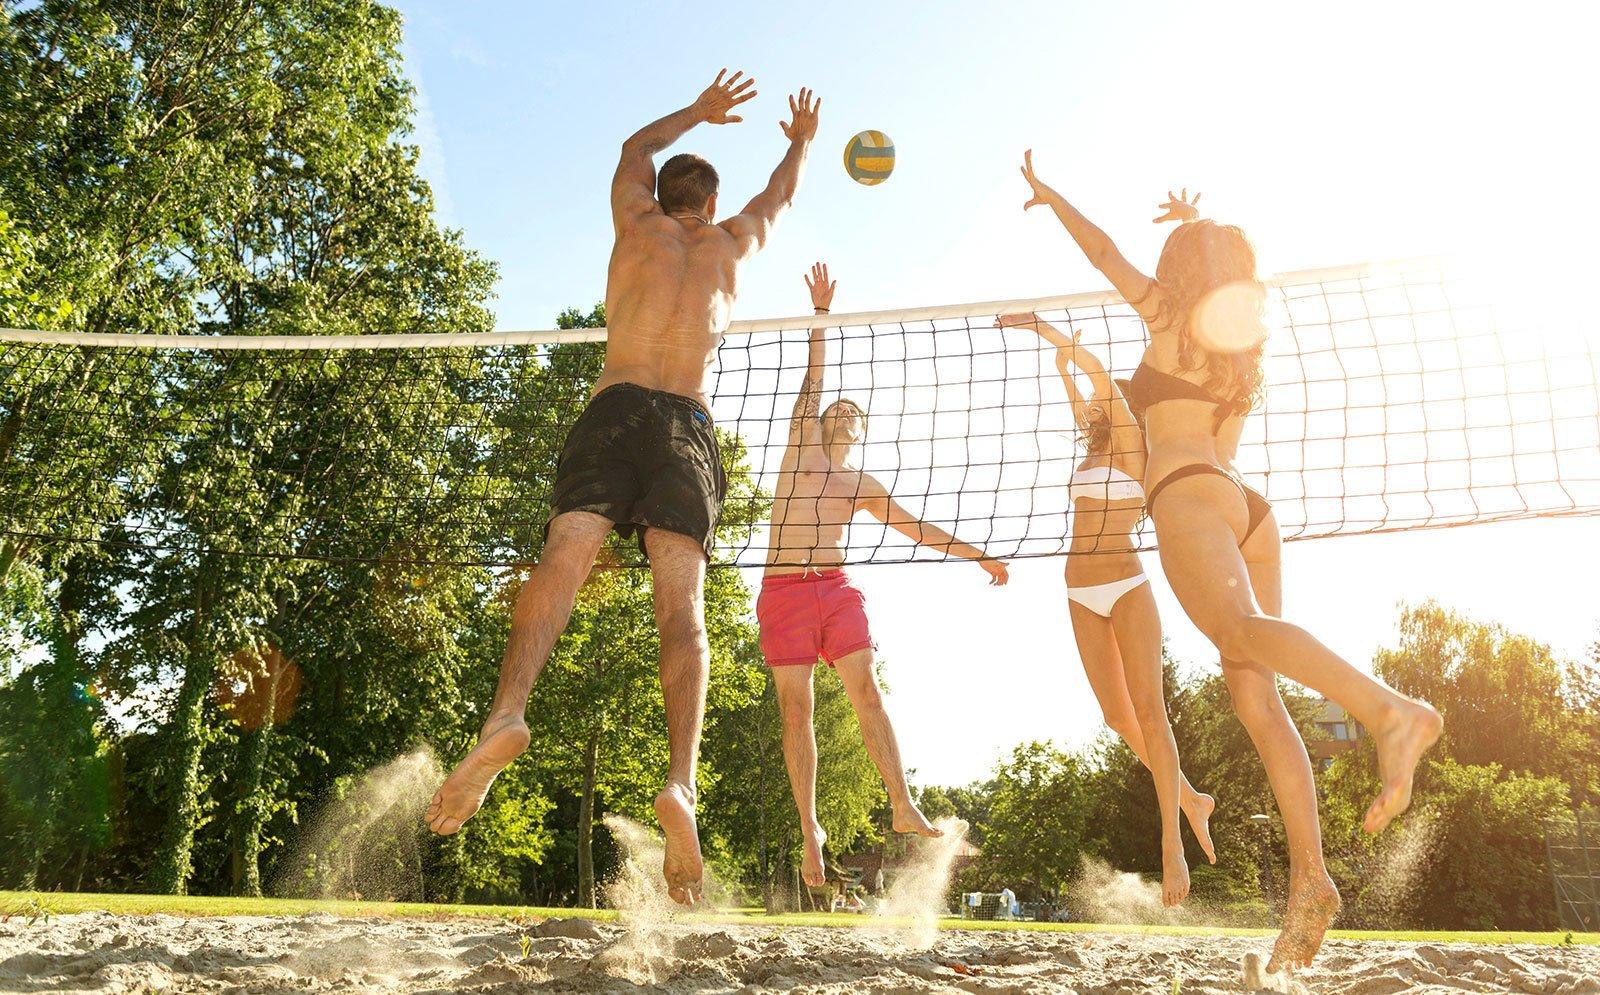 Пляжный волейбол: что это, правила и различия с традиционным